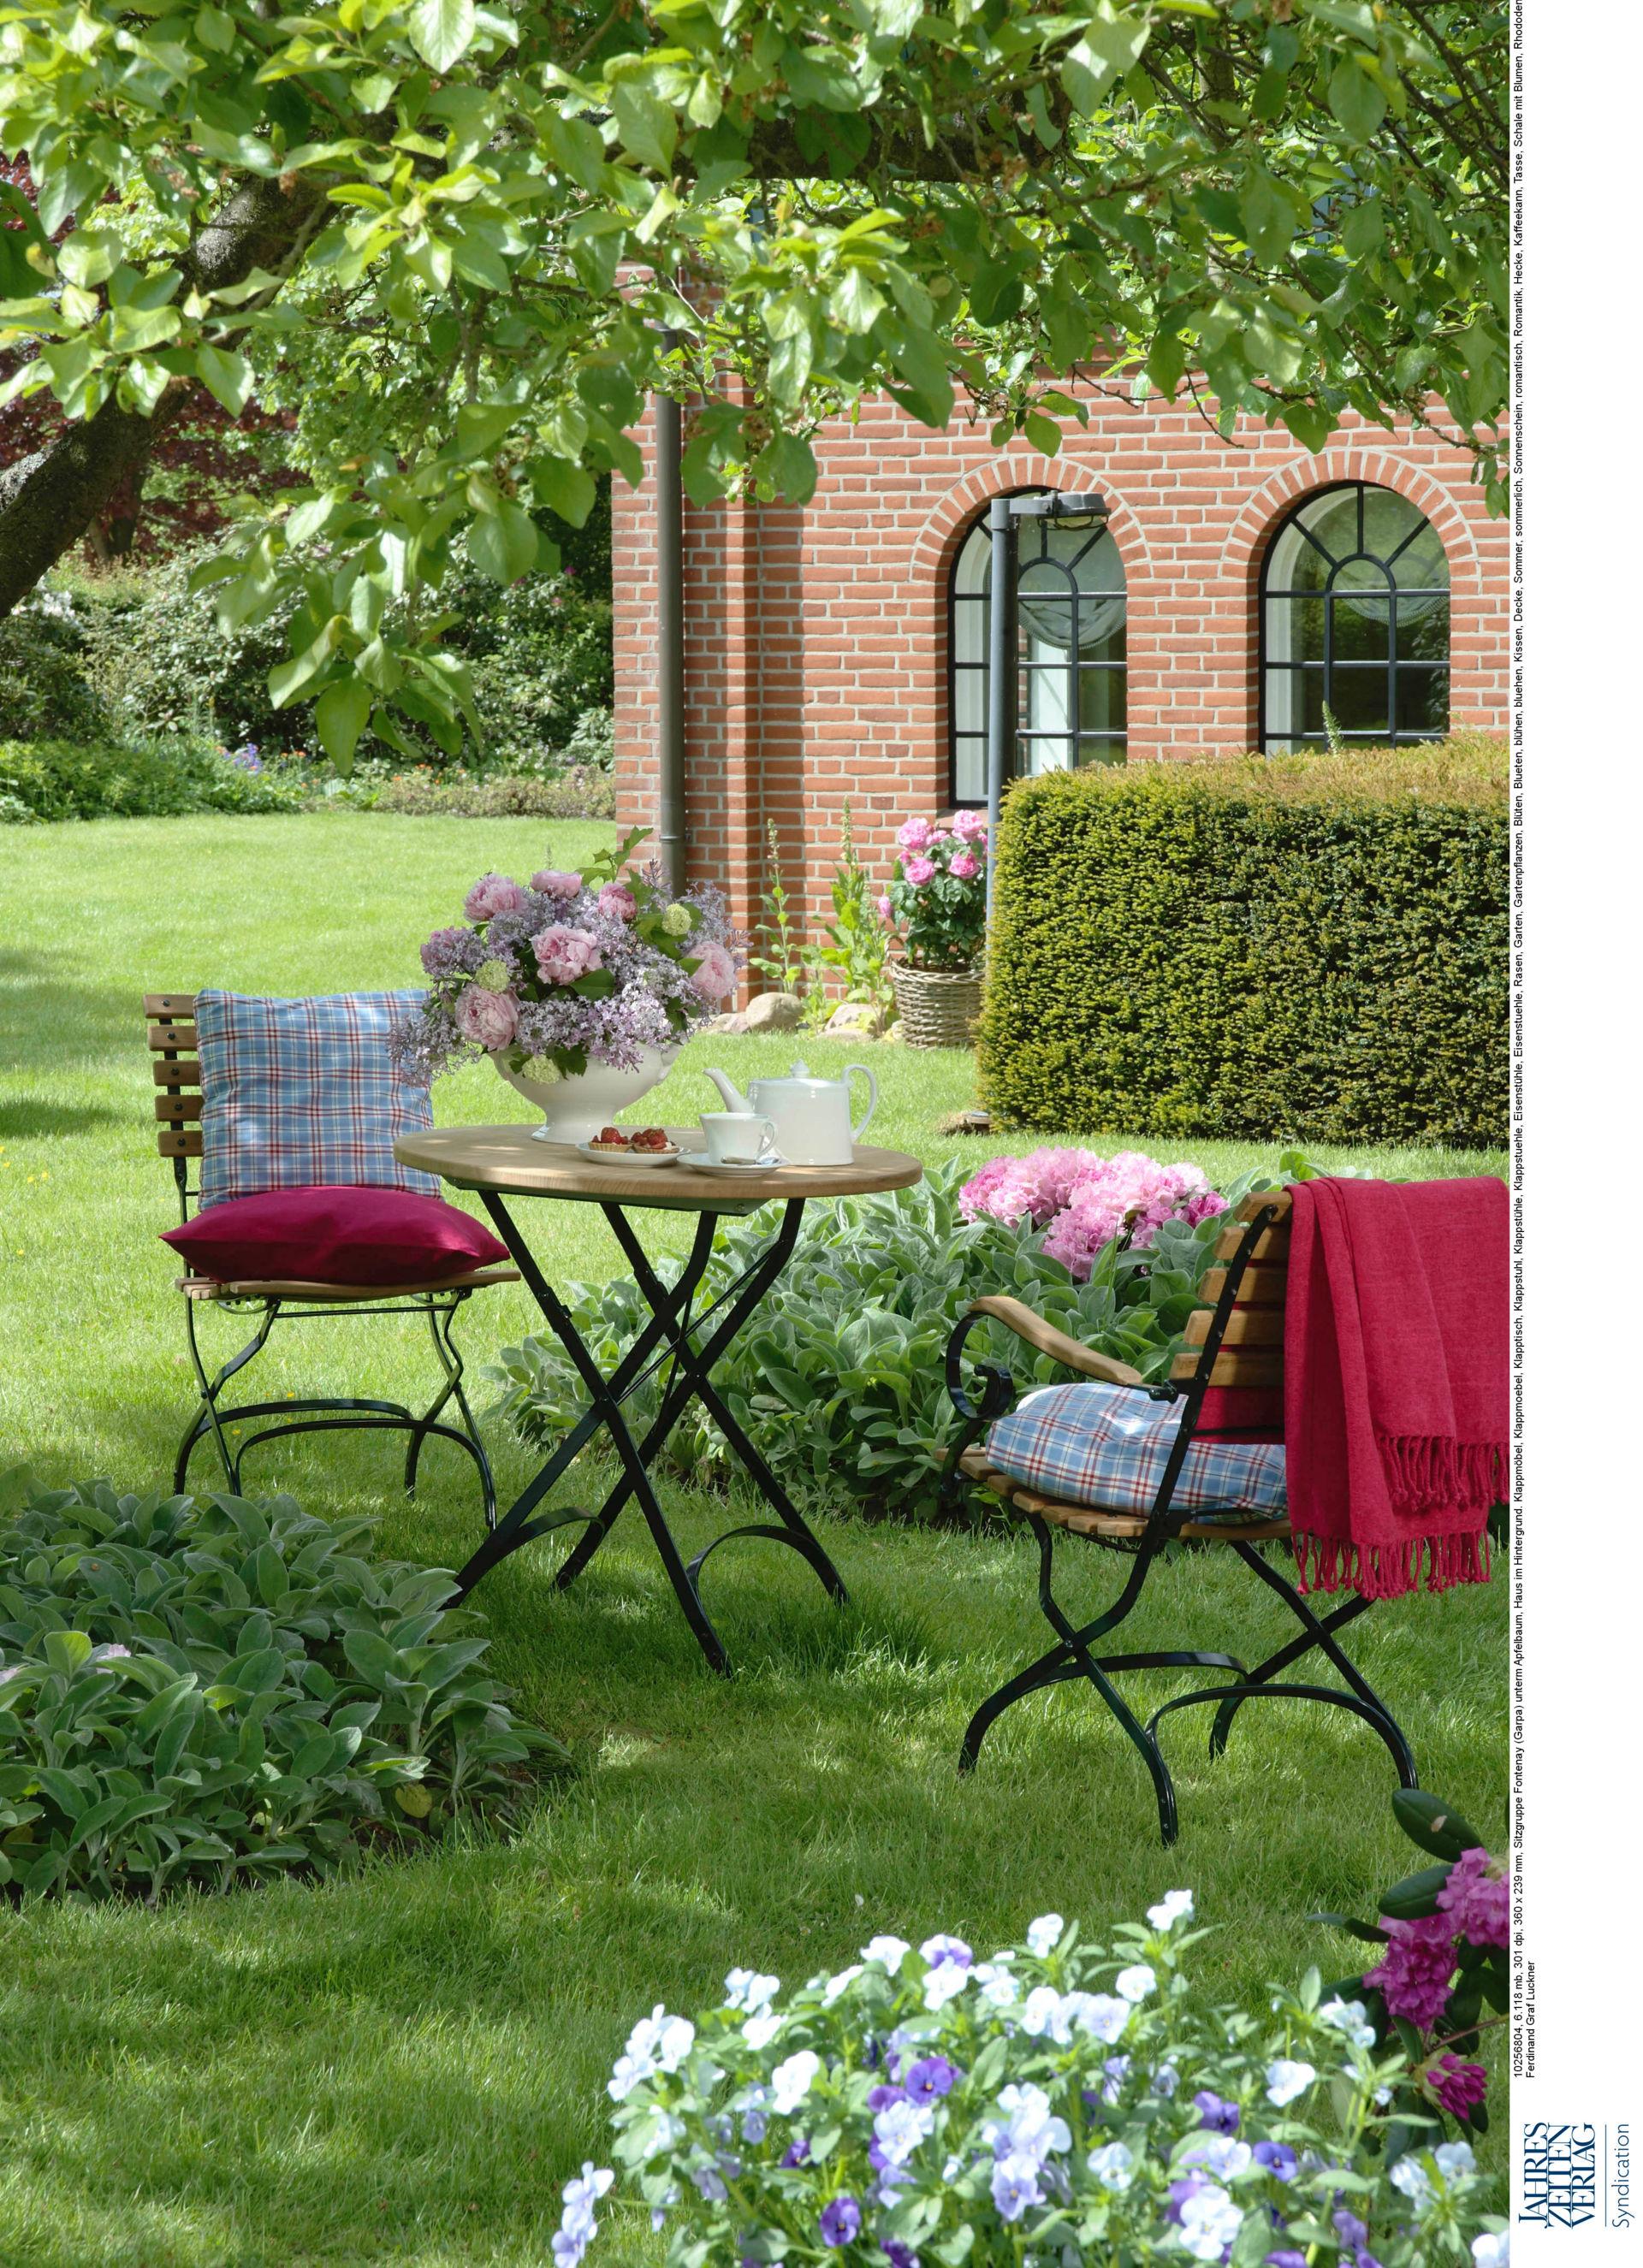 Best Sitzecke Im Garten Gestalten 70 Essplatze Photos - House ...